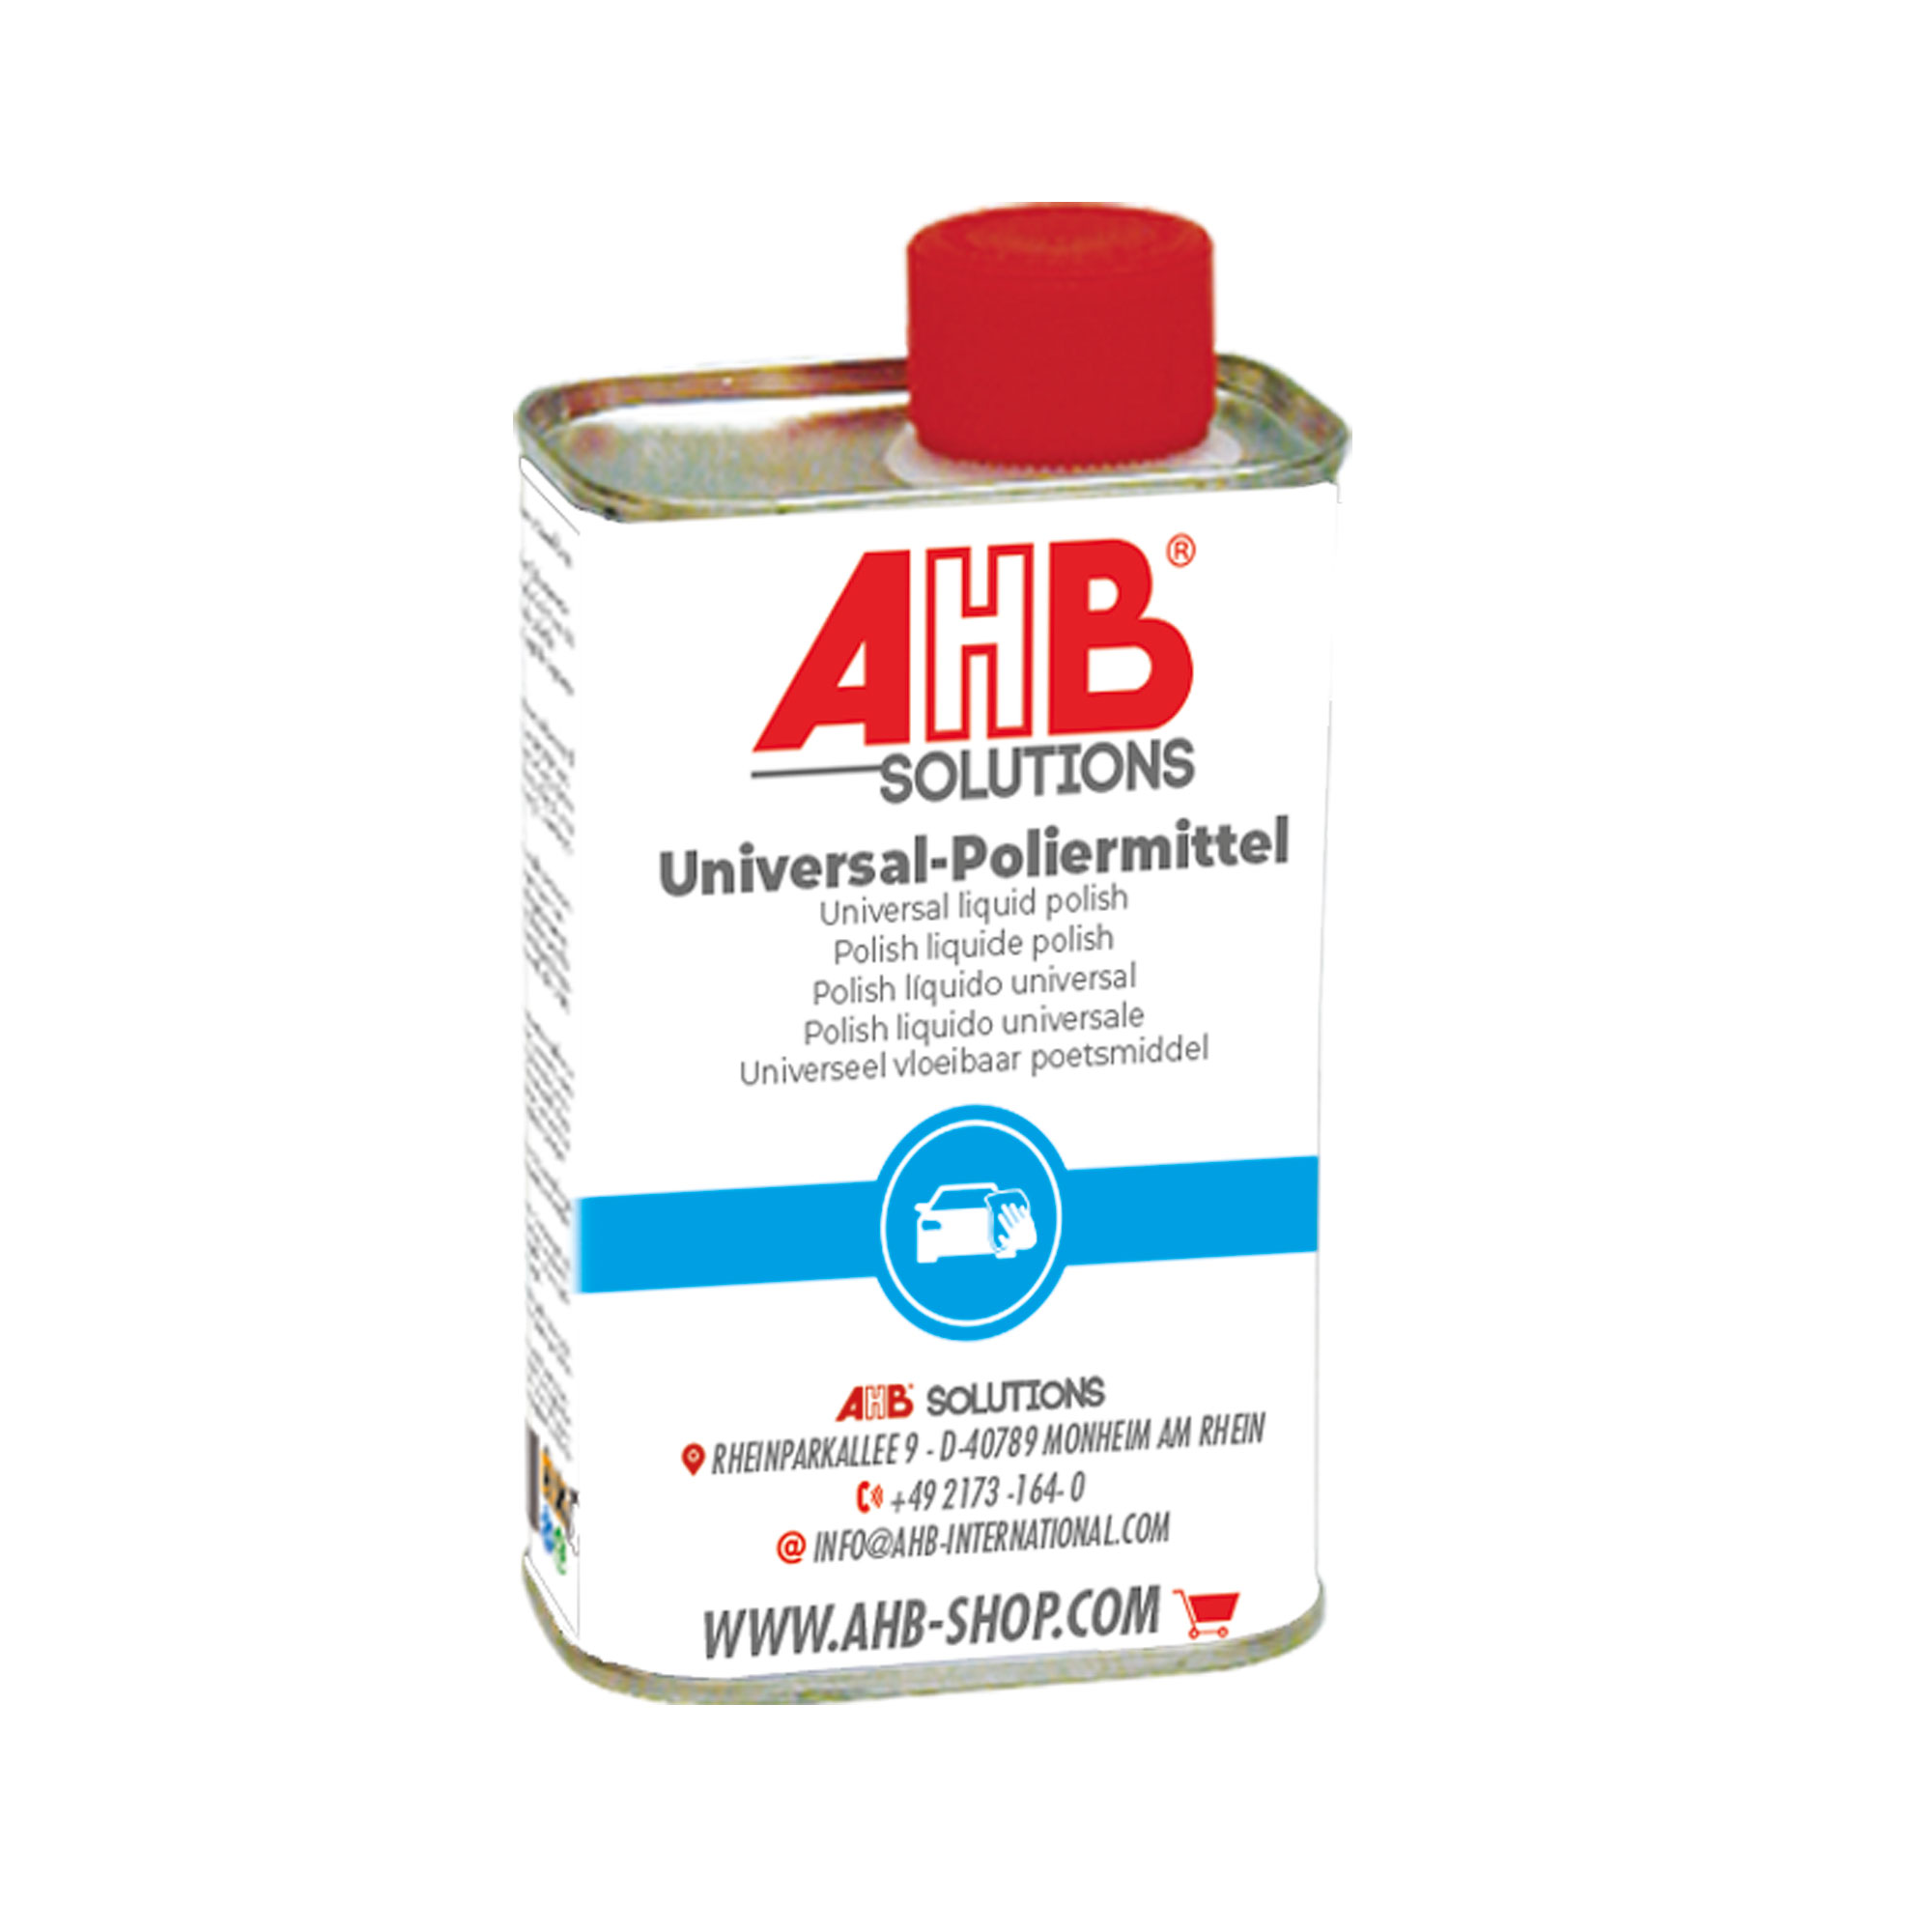 Universal-Poliermittel, 250 g